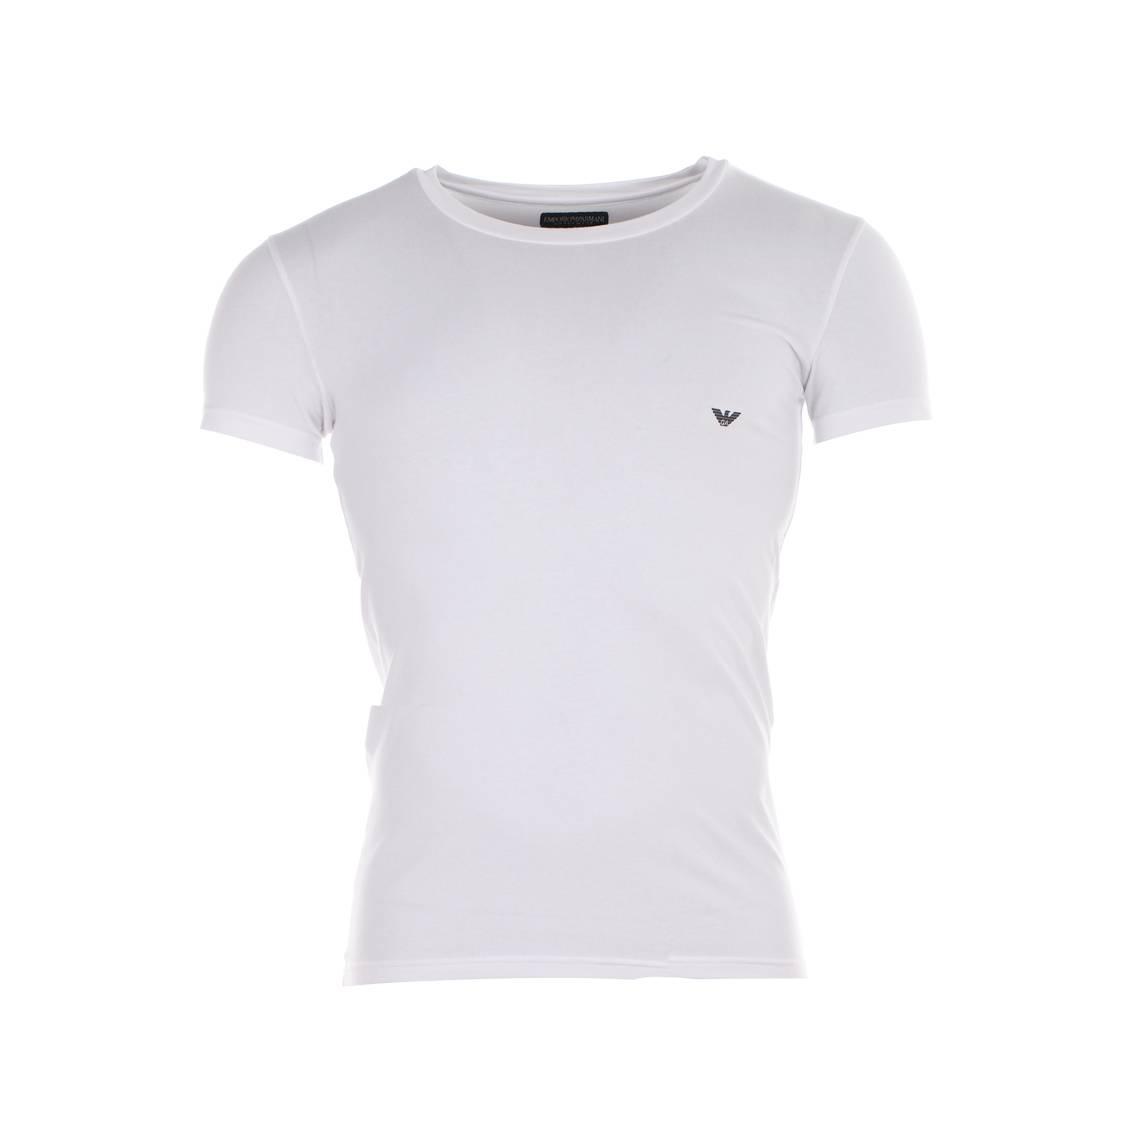 Tee-shirt col rond blanc  en coton, logo noir